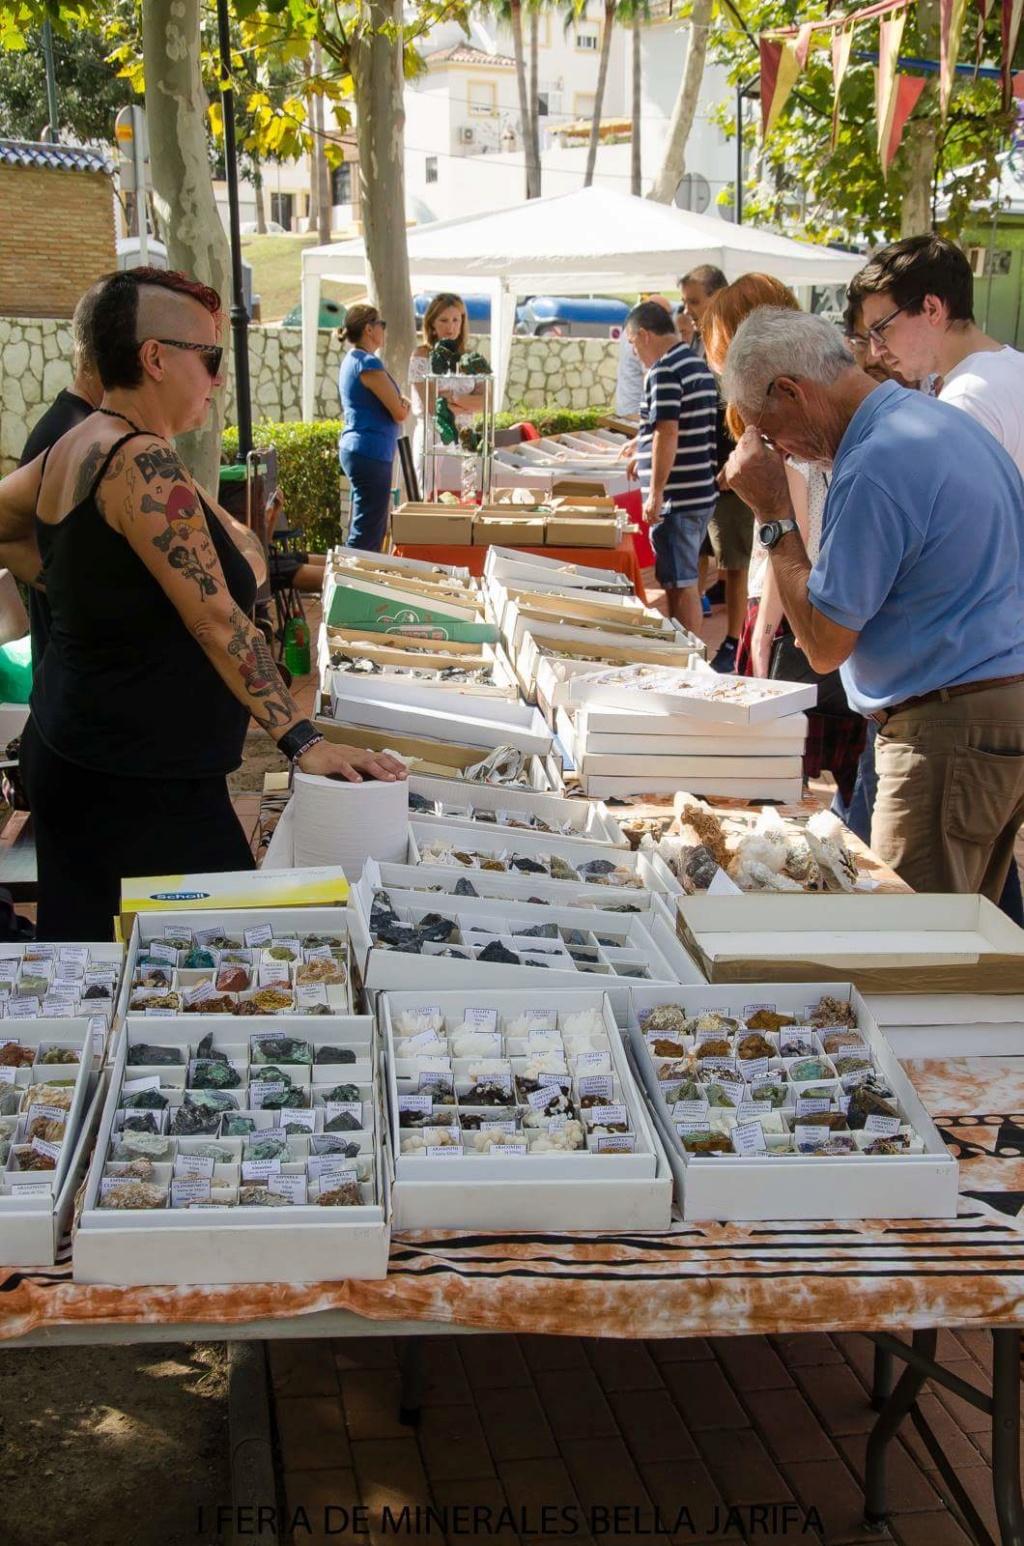 I Feria de minerales intercambio y venta de Cártama (MÁLAGA) - Página 6 Fb_im118